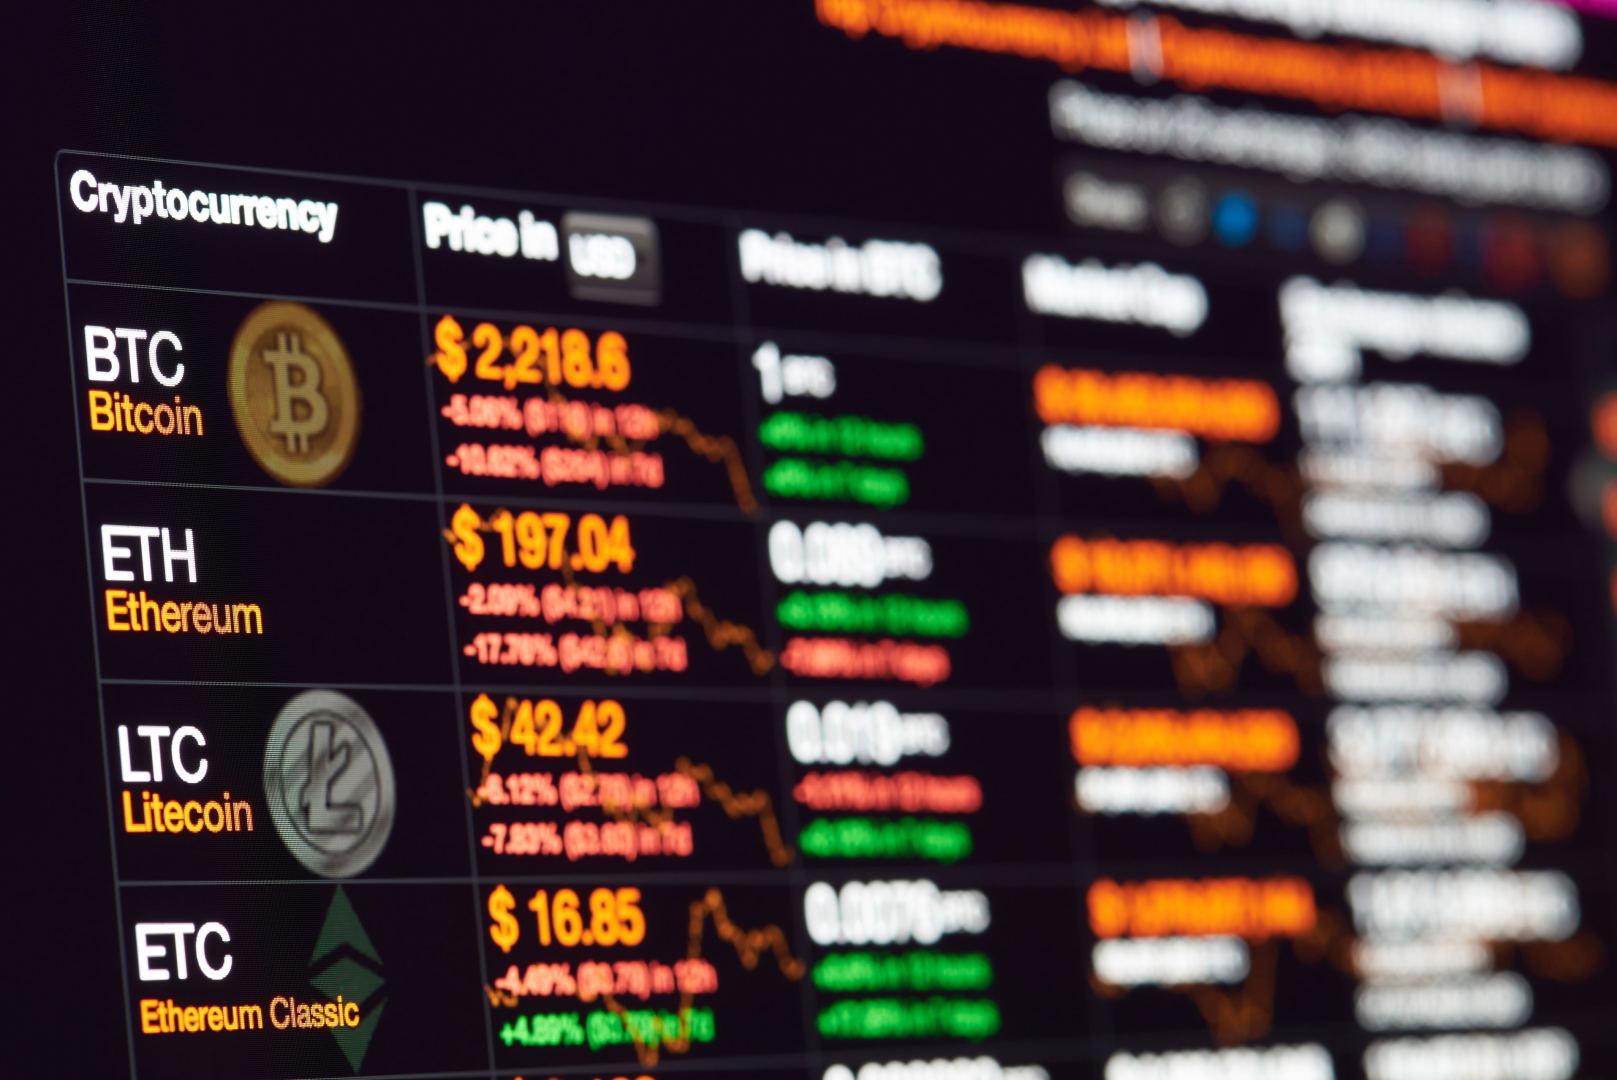 Uždirbti pinigus iš bitcoin lietuva, kaip parduoti bitcoinus? - archviz.lt